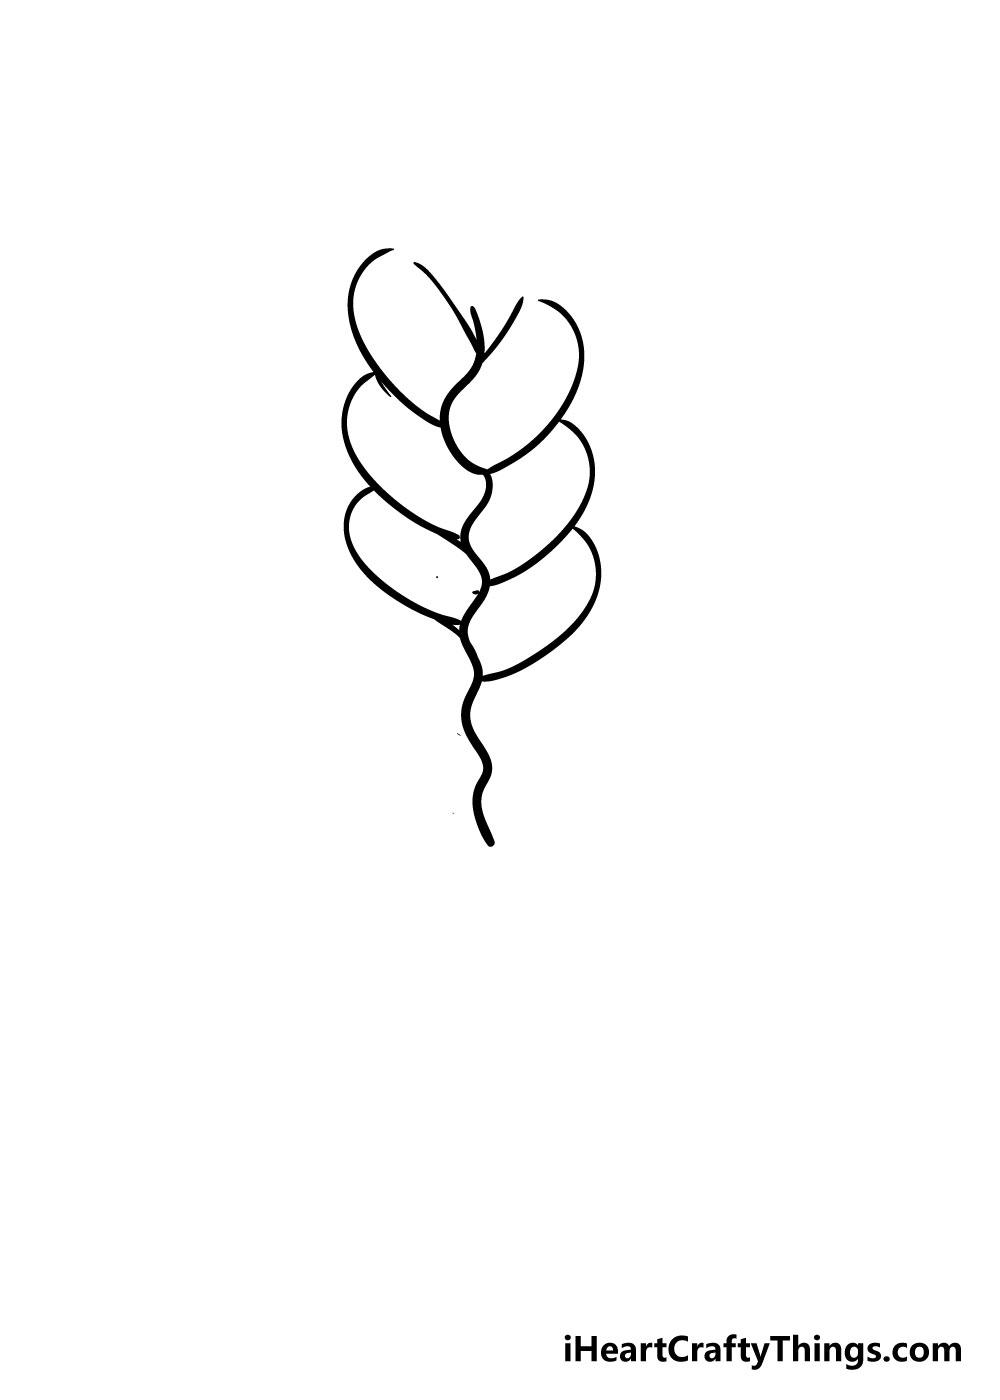 braid drawing step 3